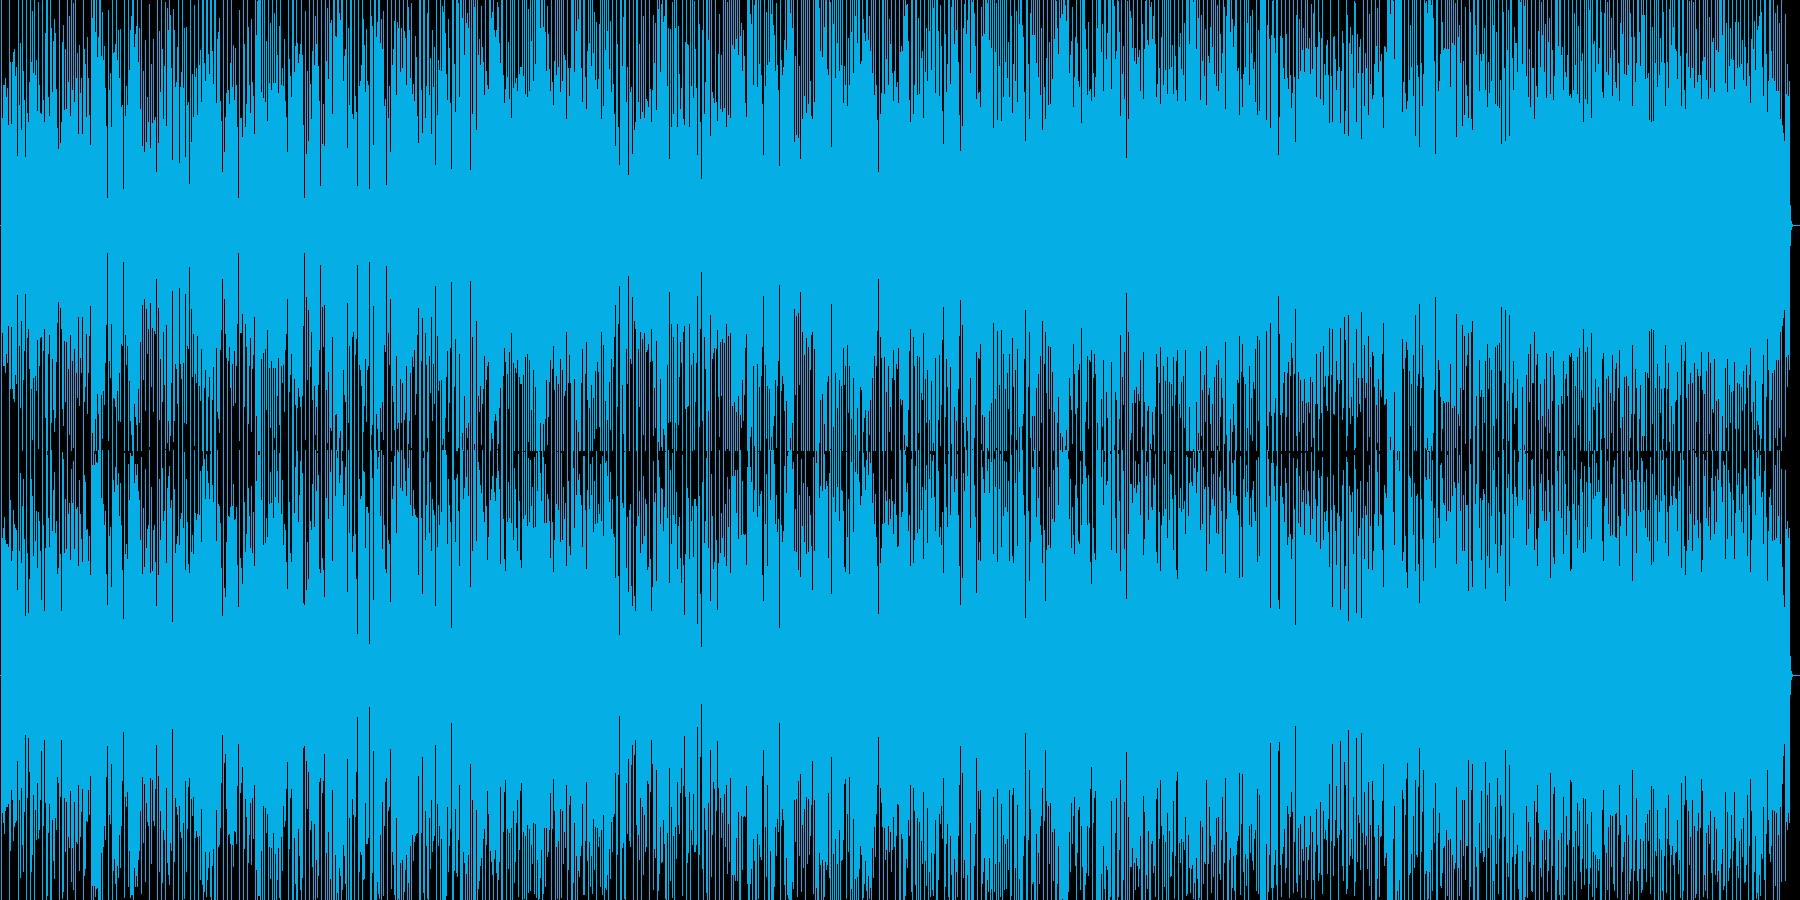 スピード感があってお洒落なディスコの再生済みの波形